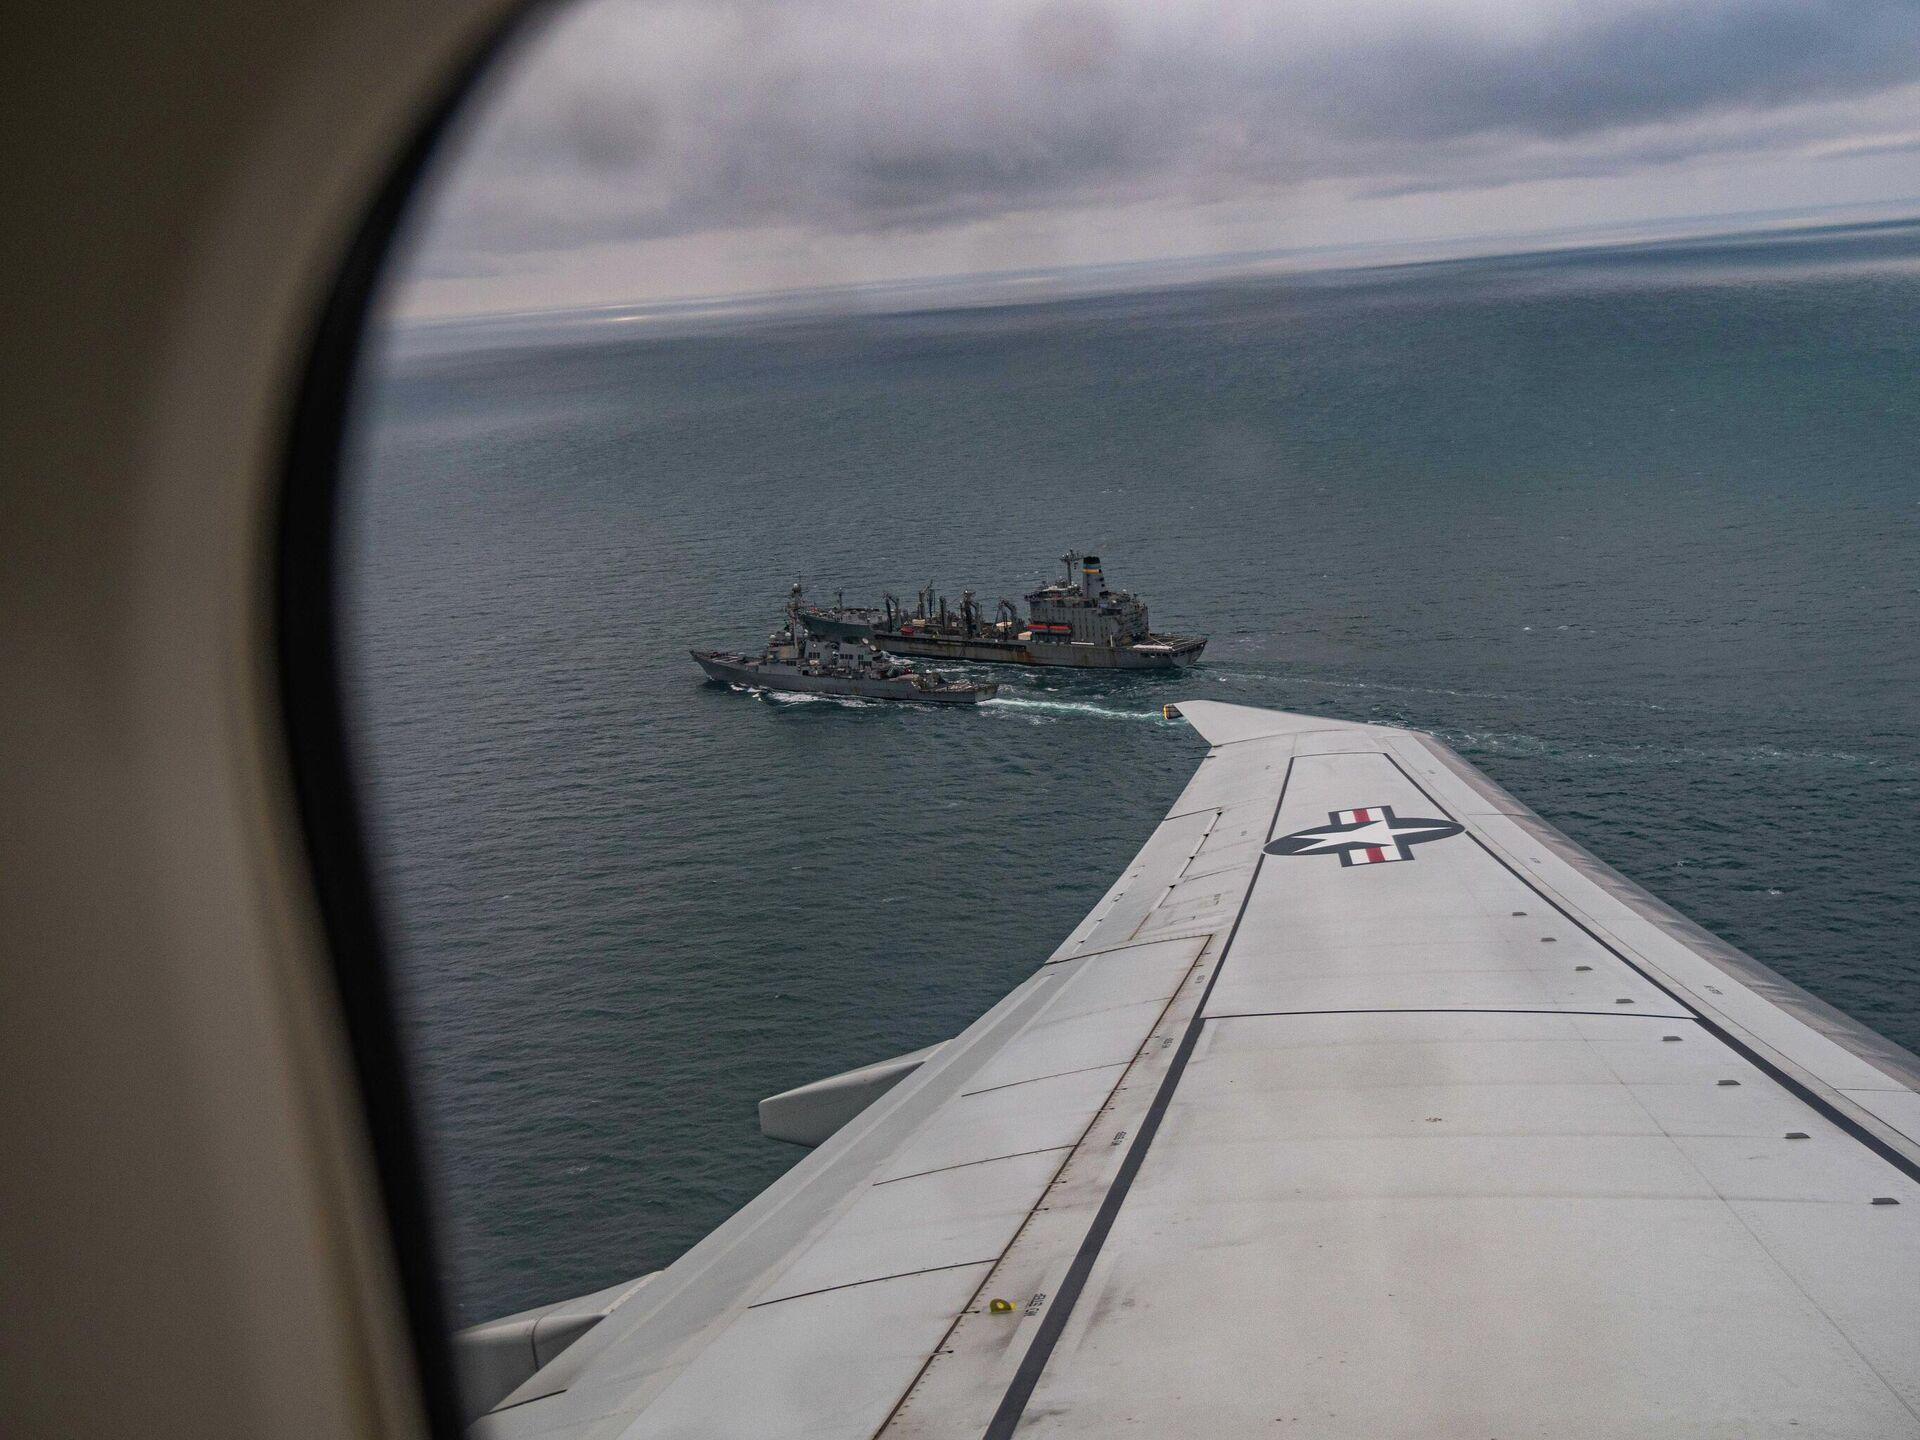 Эсминец ВМС США Портер во время дозаправки в Черном море - РИА Новости, 1920, 23.06.2021